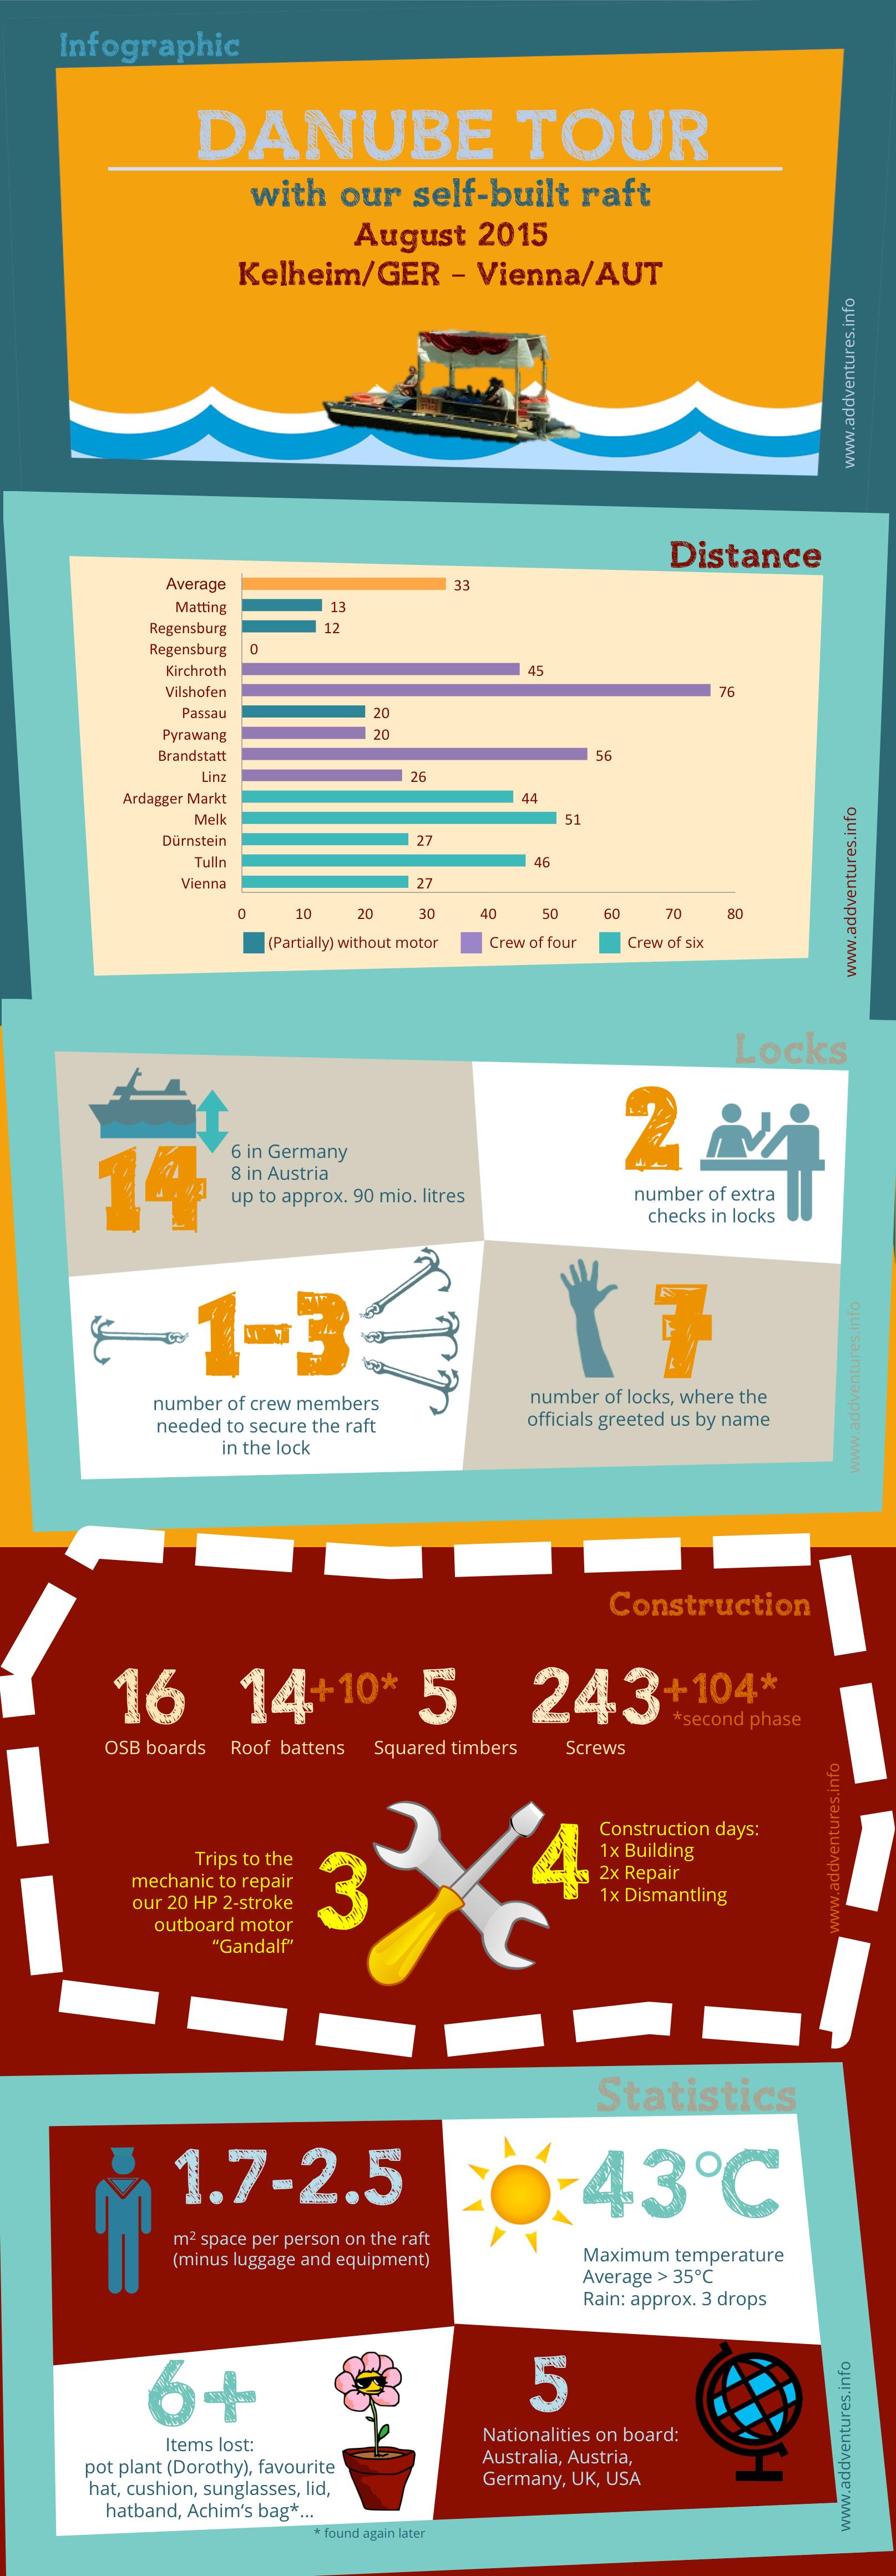 infographic adventure statistics danube raft